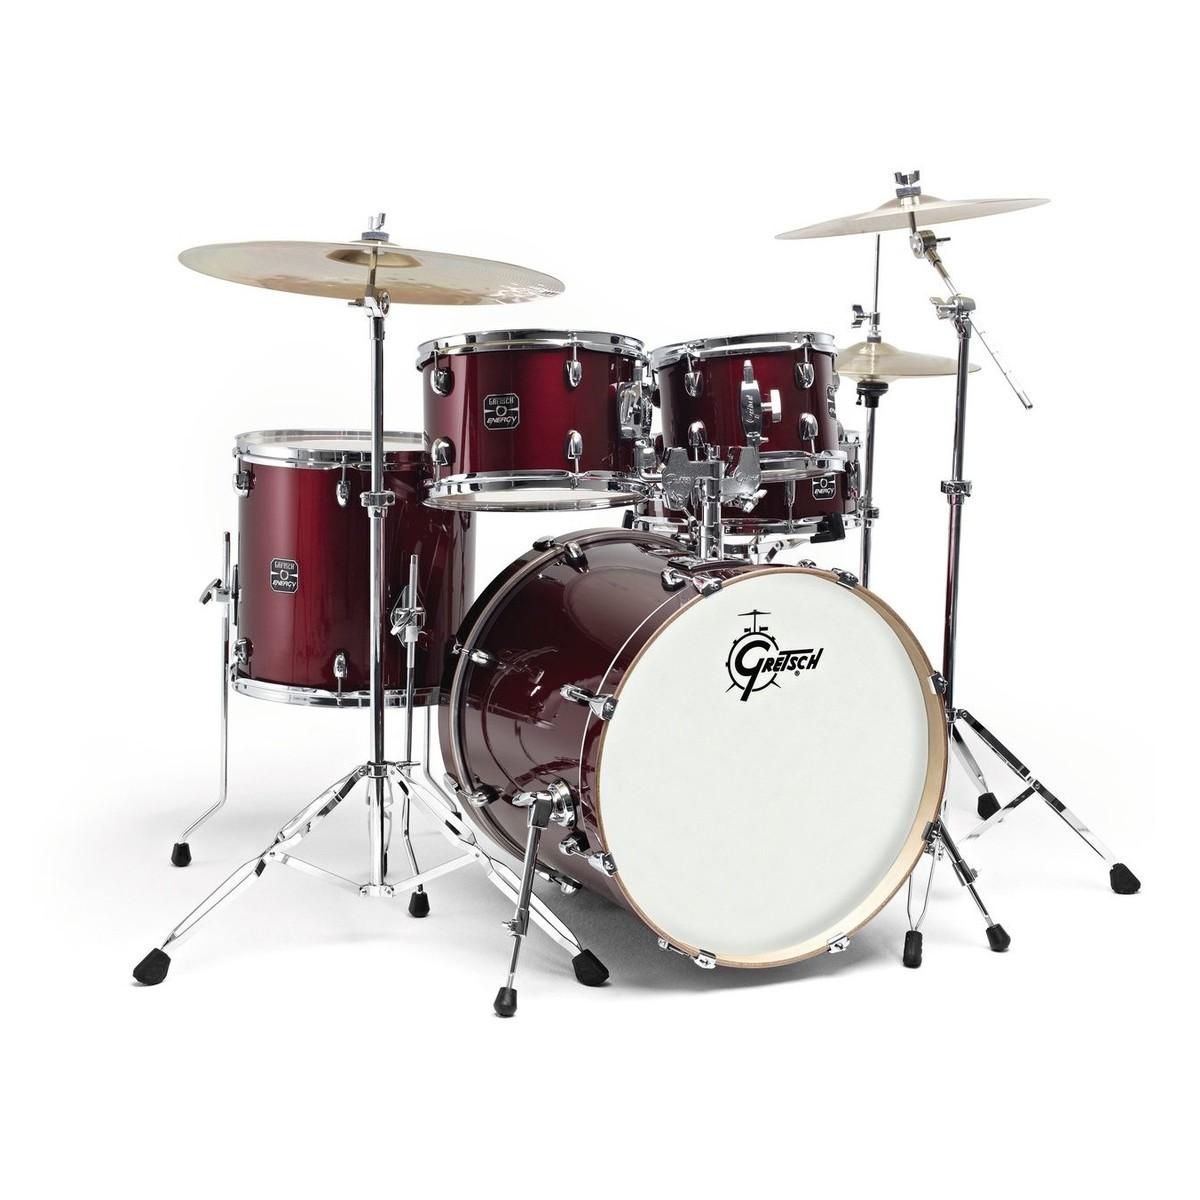 Gretsch Energy 20 Drum Kit W Hardware Paiste 101 Set Wine Red